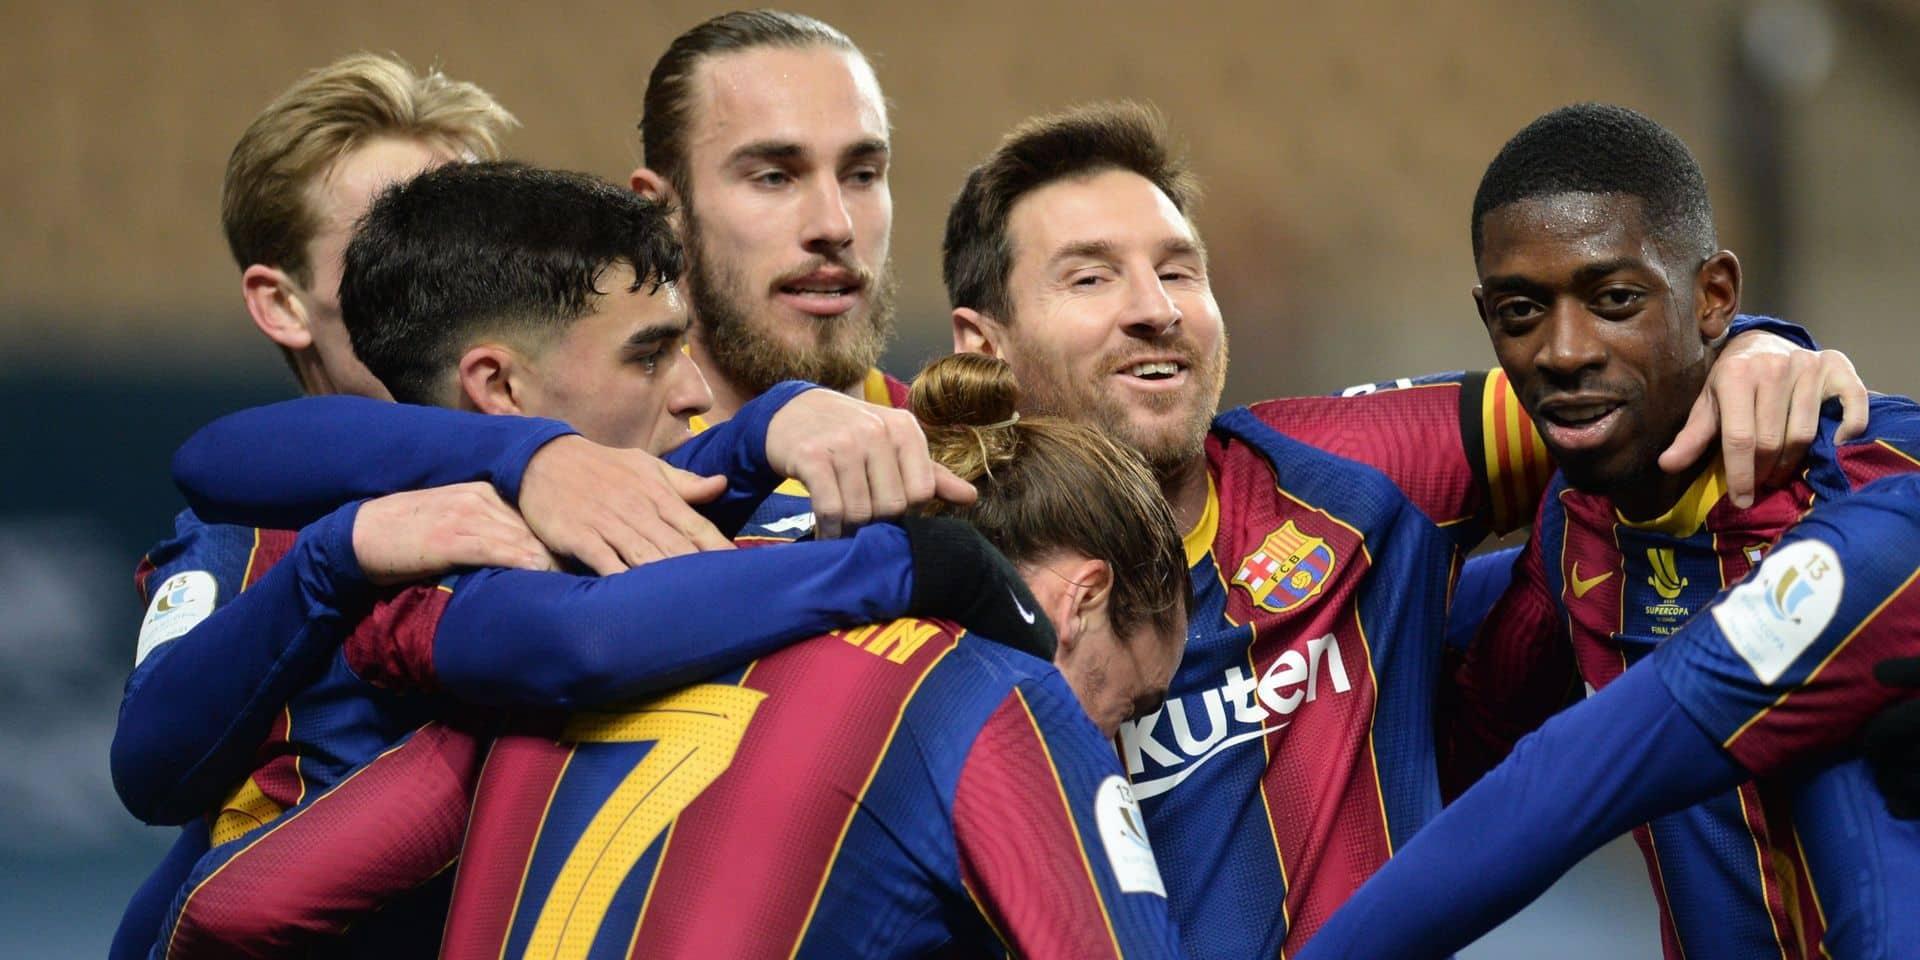 Le FC Barcelone sort un maillot spécial Catalogne pour le prochain clasico (PHOTO)